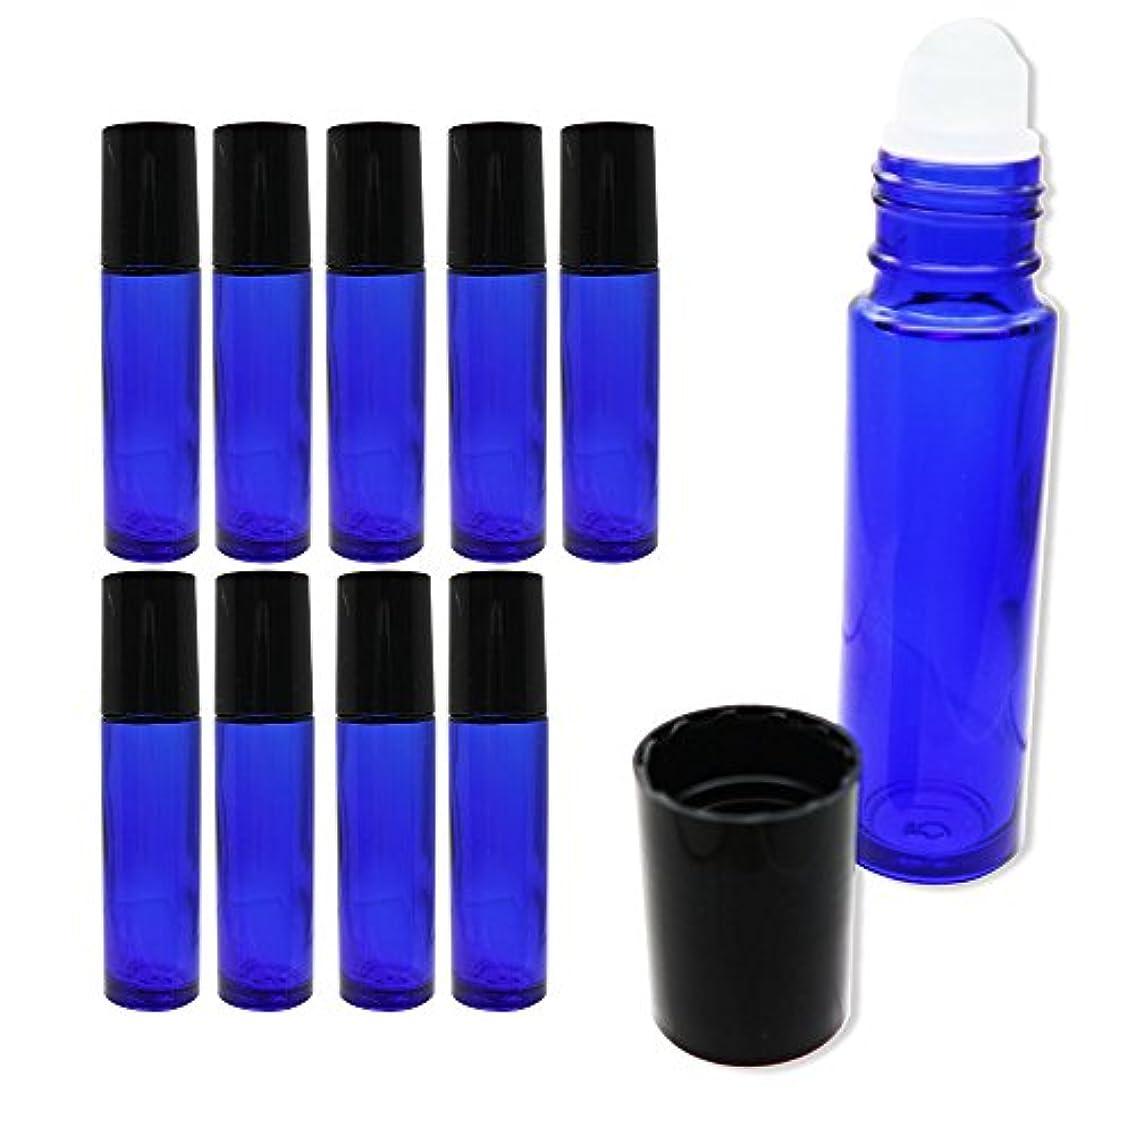 直面する困惑する不快な【yanyan0207】 ロールオン ボトル 10本 セット ガラス製 オイル ローション 香水 アロマ (ブルー)